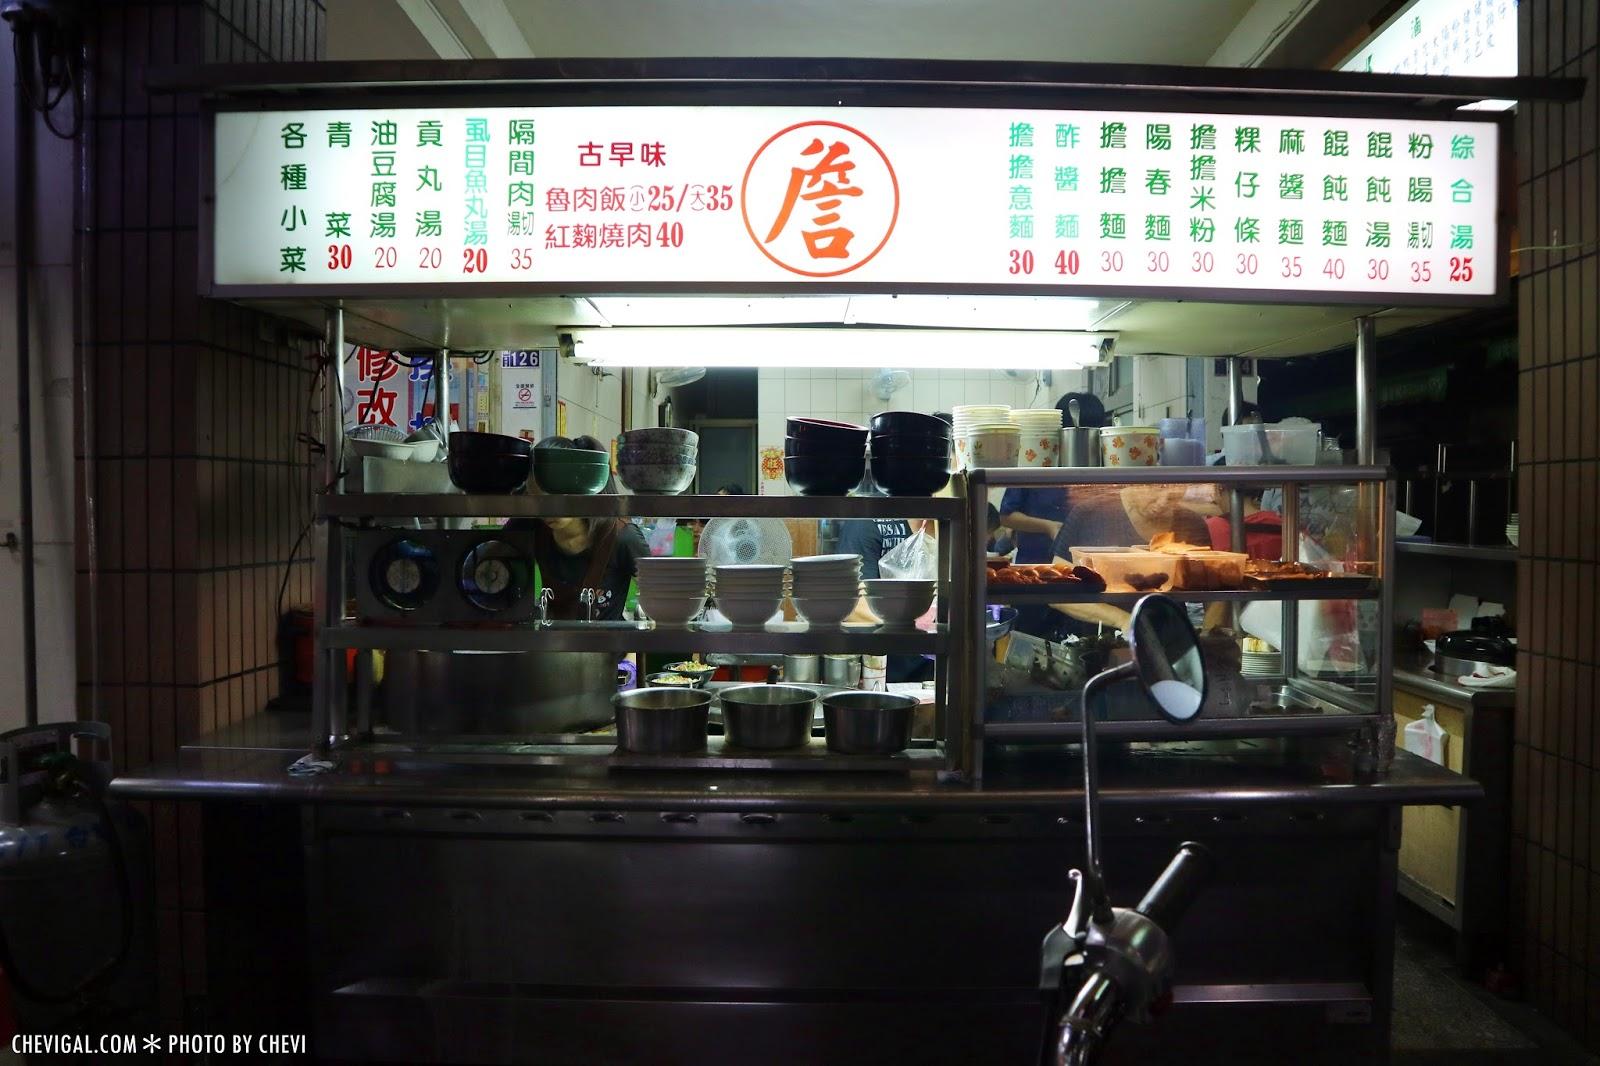 IMG 0622 - 台中北區│詹記擔擔麵。永興街飄香三十五年老麵店。平價的古早好味道